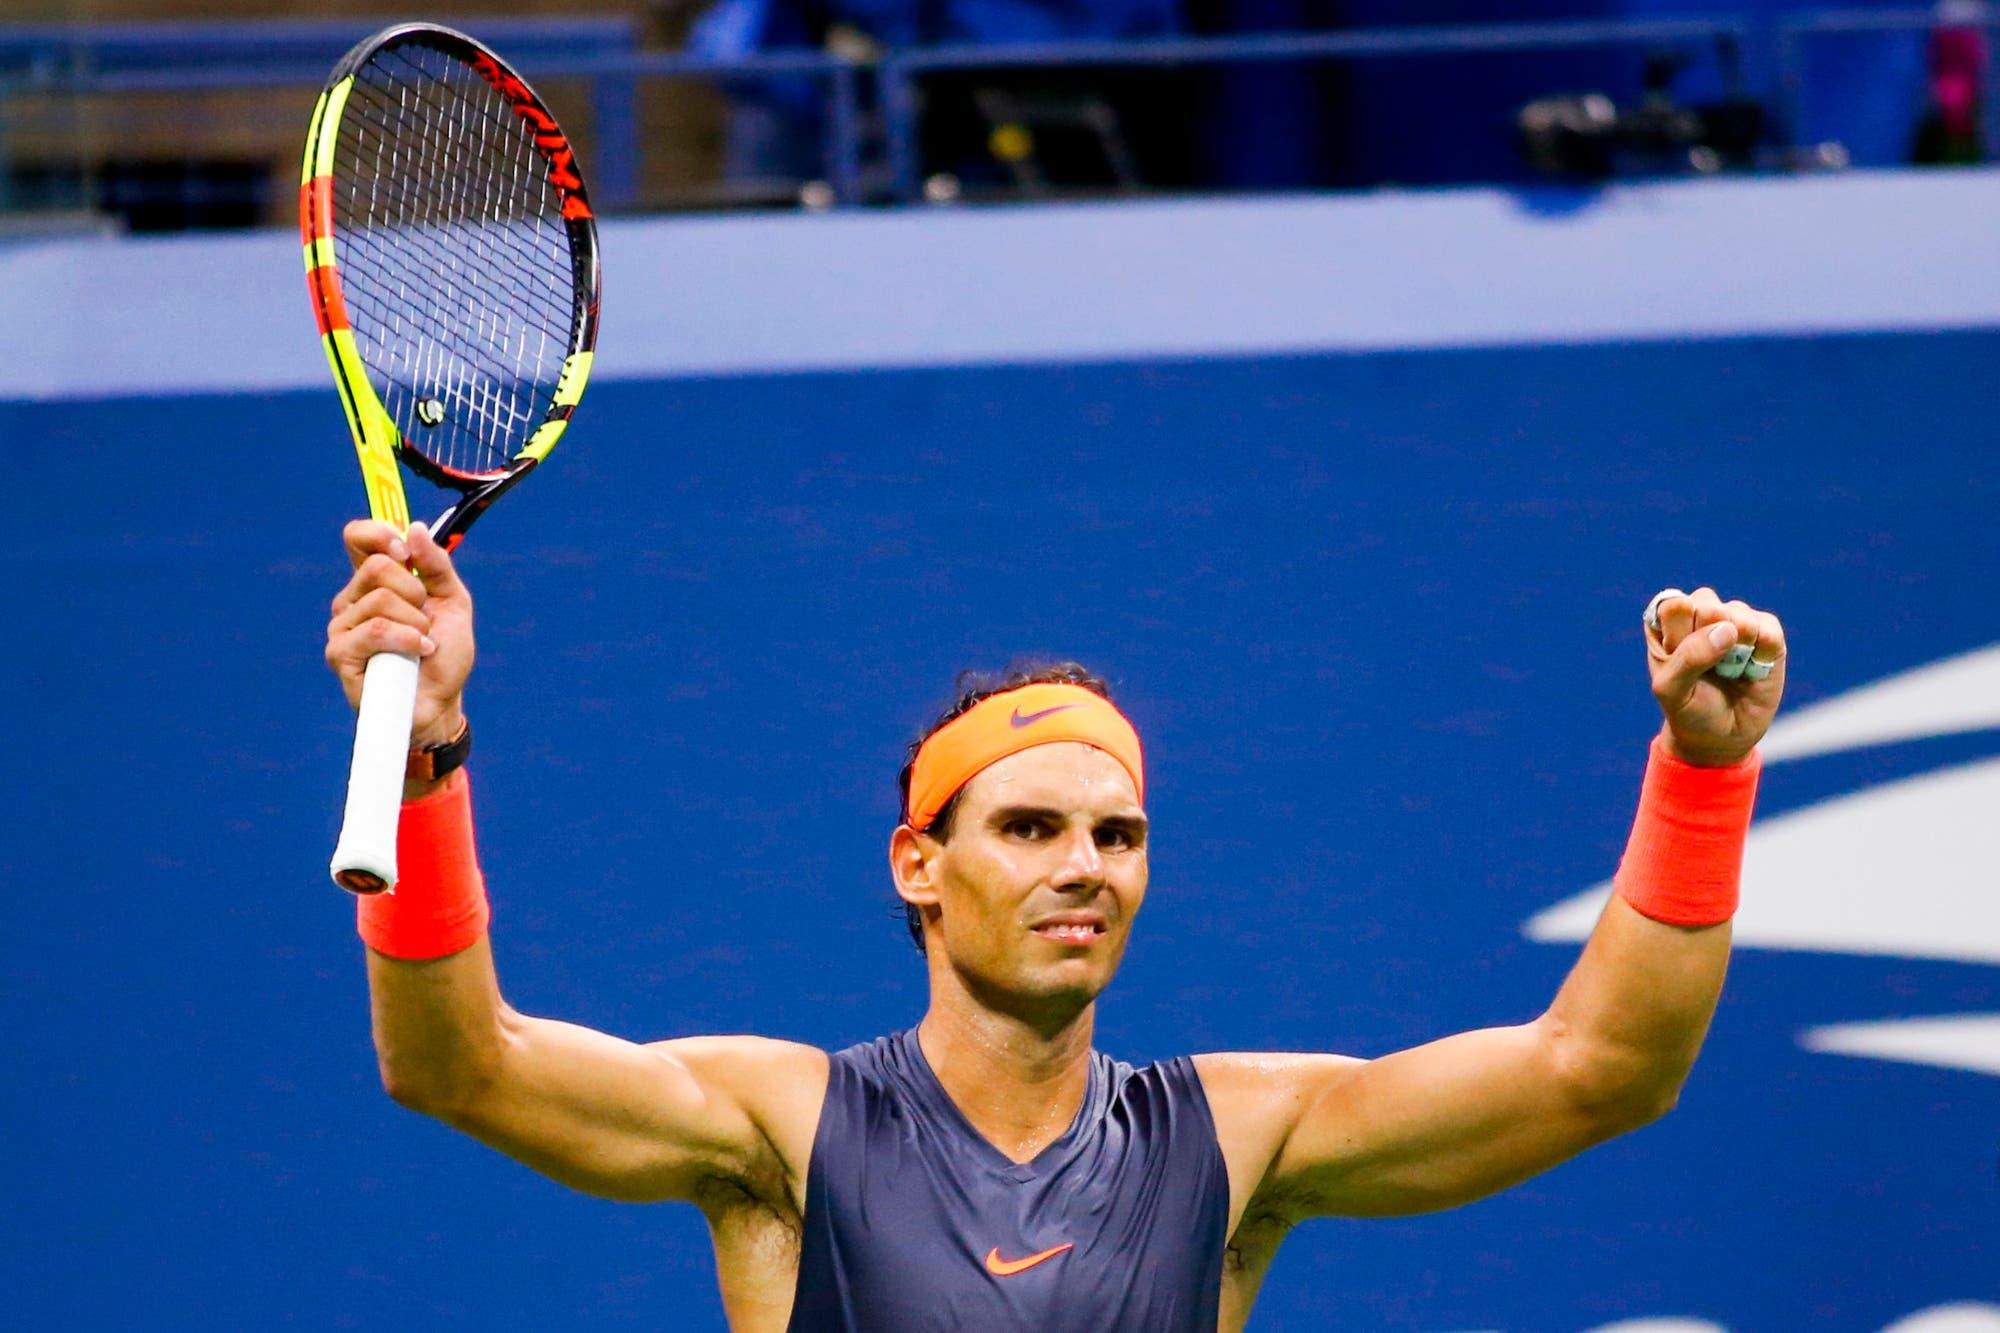 Lo que dejó el triunfo de Rafael Nadal ante Dominic Thiem: el match-point, los mejores puntos y qué dijo Rafa tras la victoria